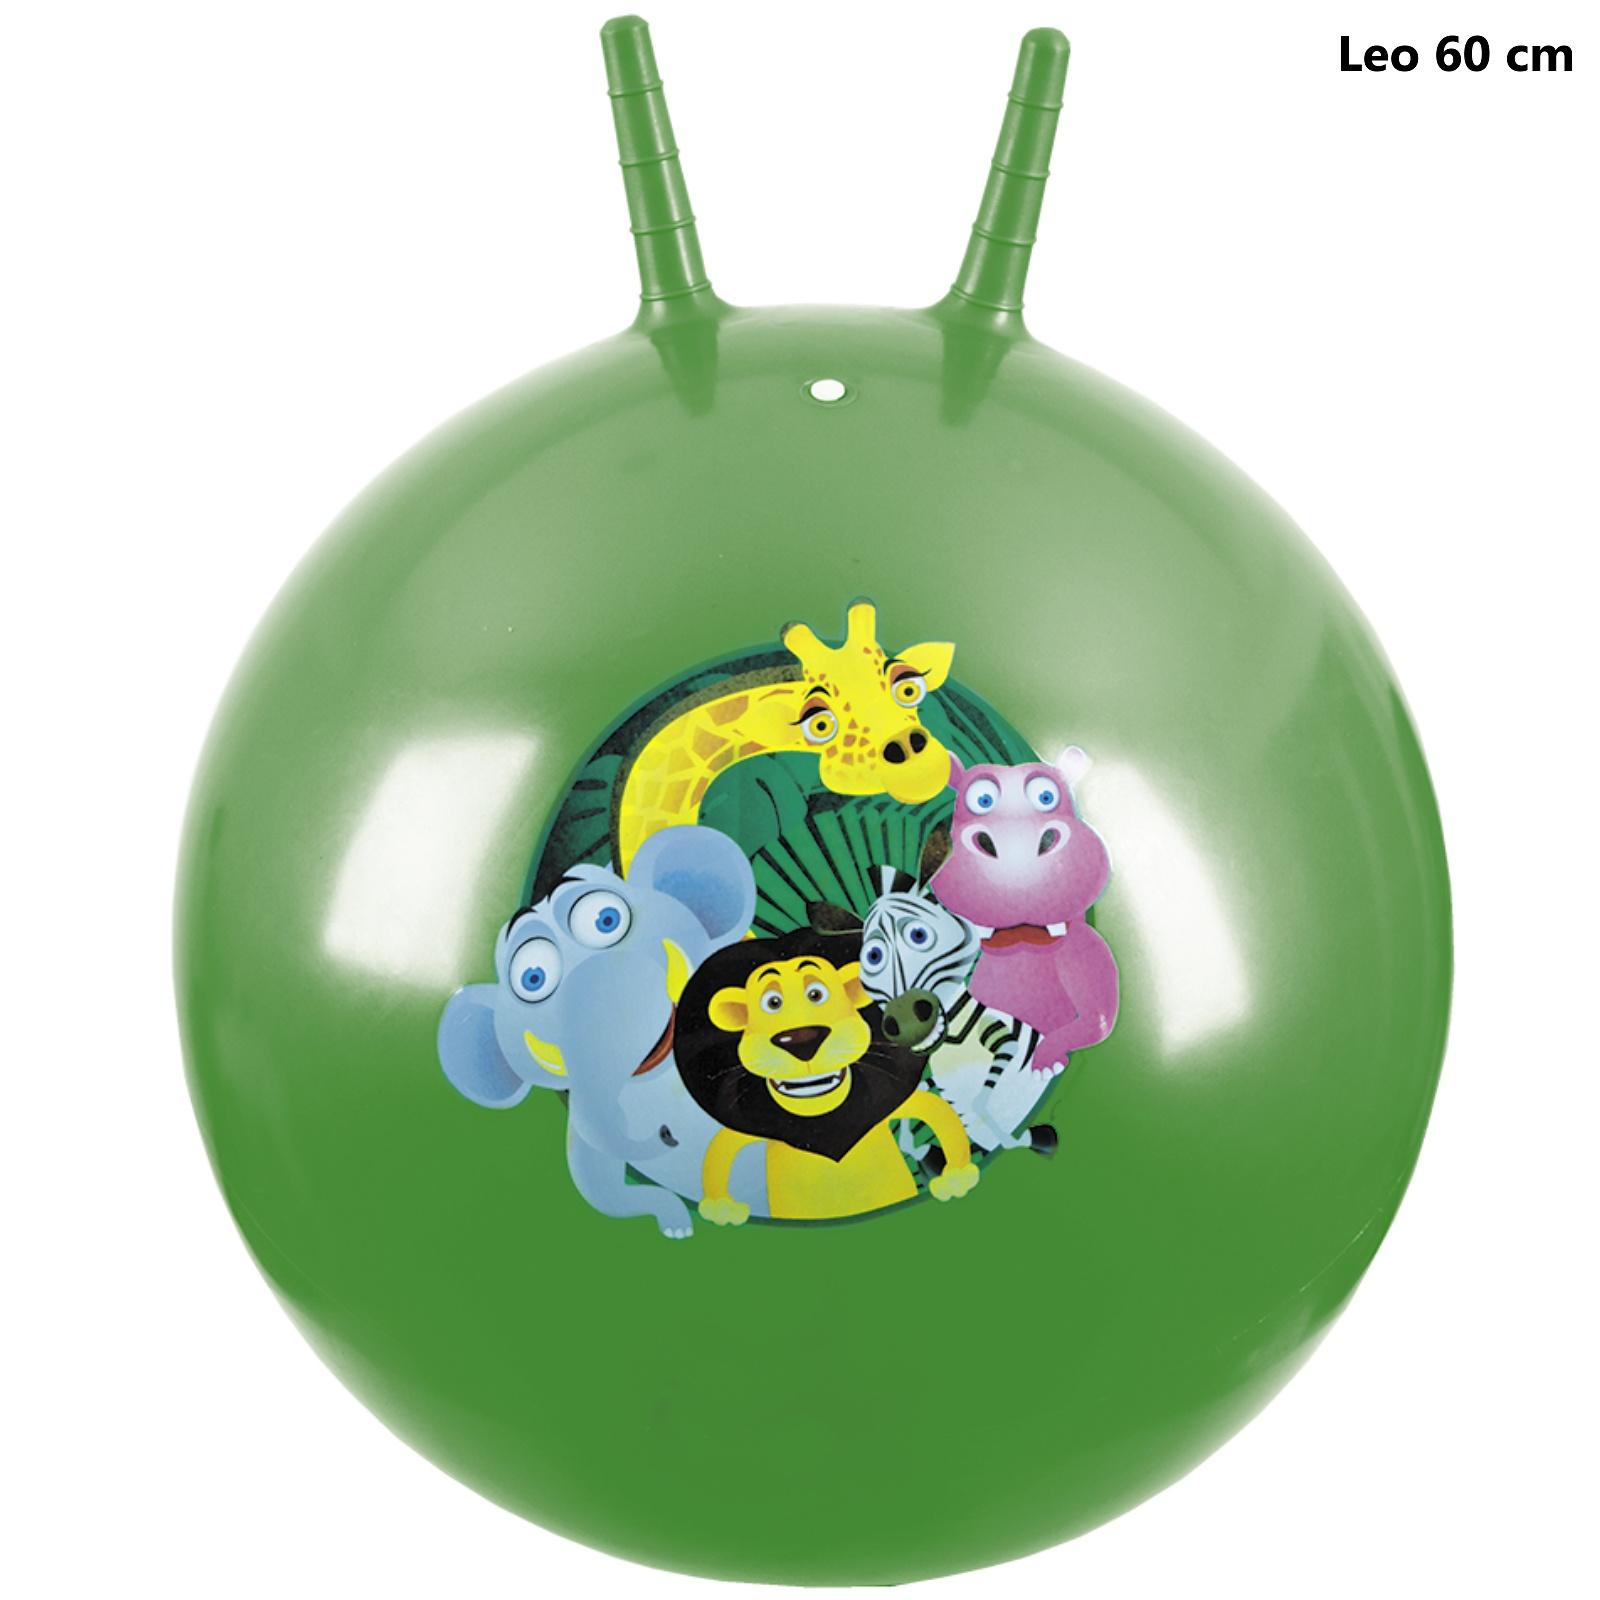 Skákací míč SPOKEY Leo 60 cm